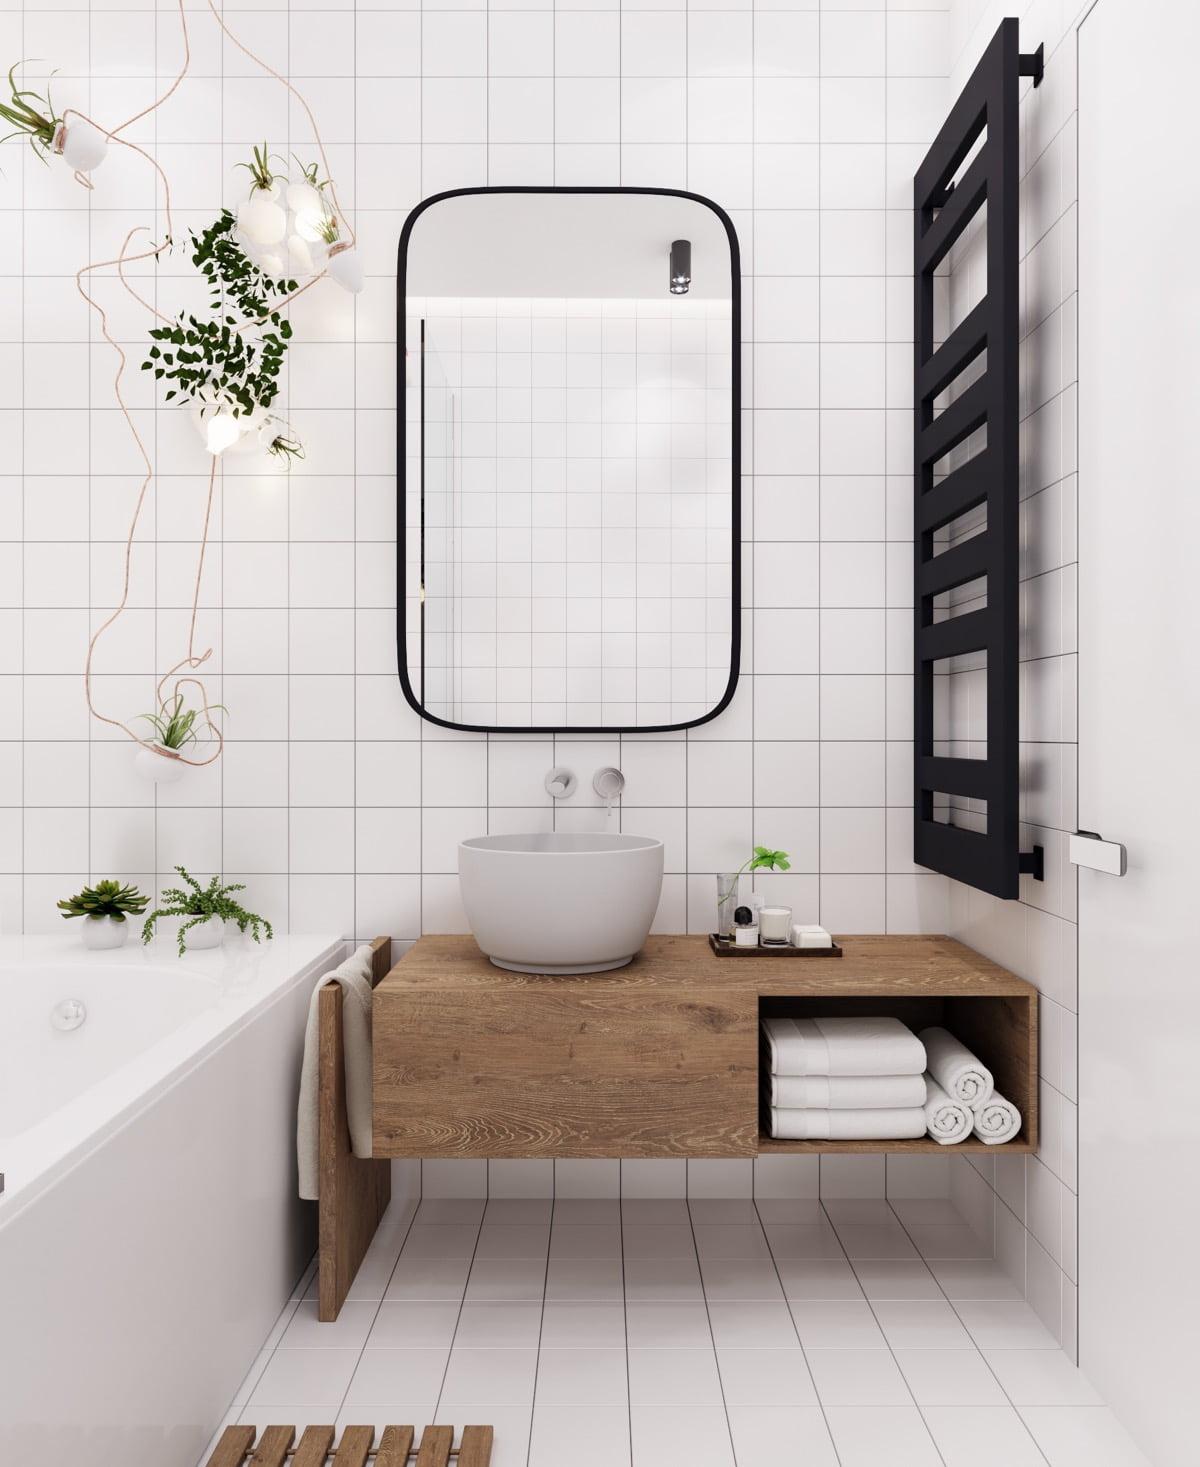 mẫu phòng tắm nhỏ đẹp, đơn giản